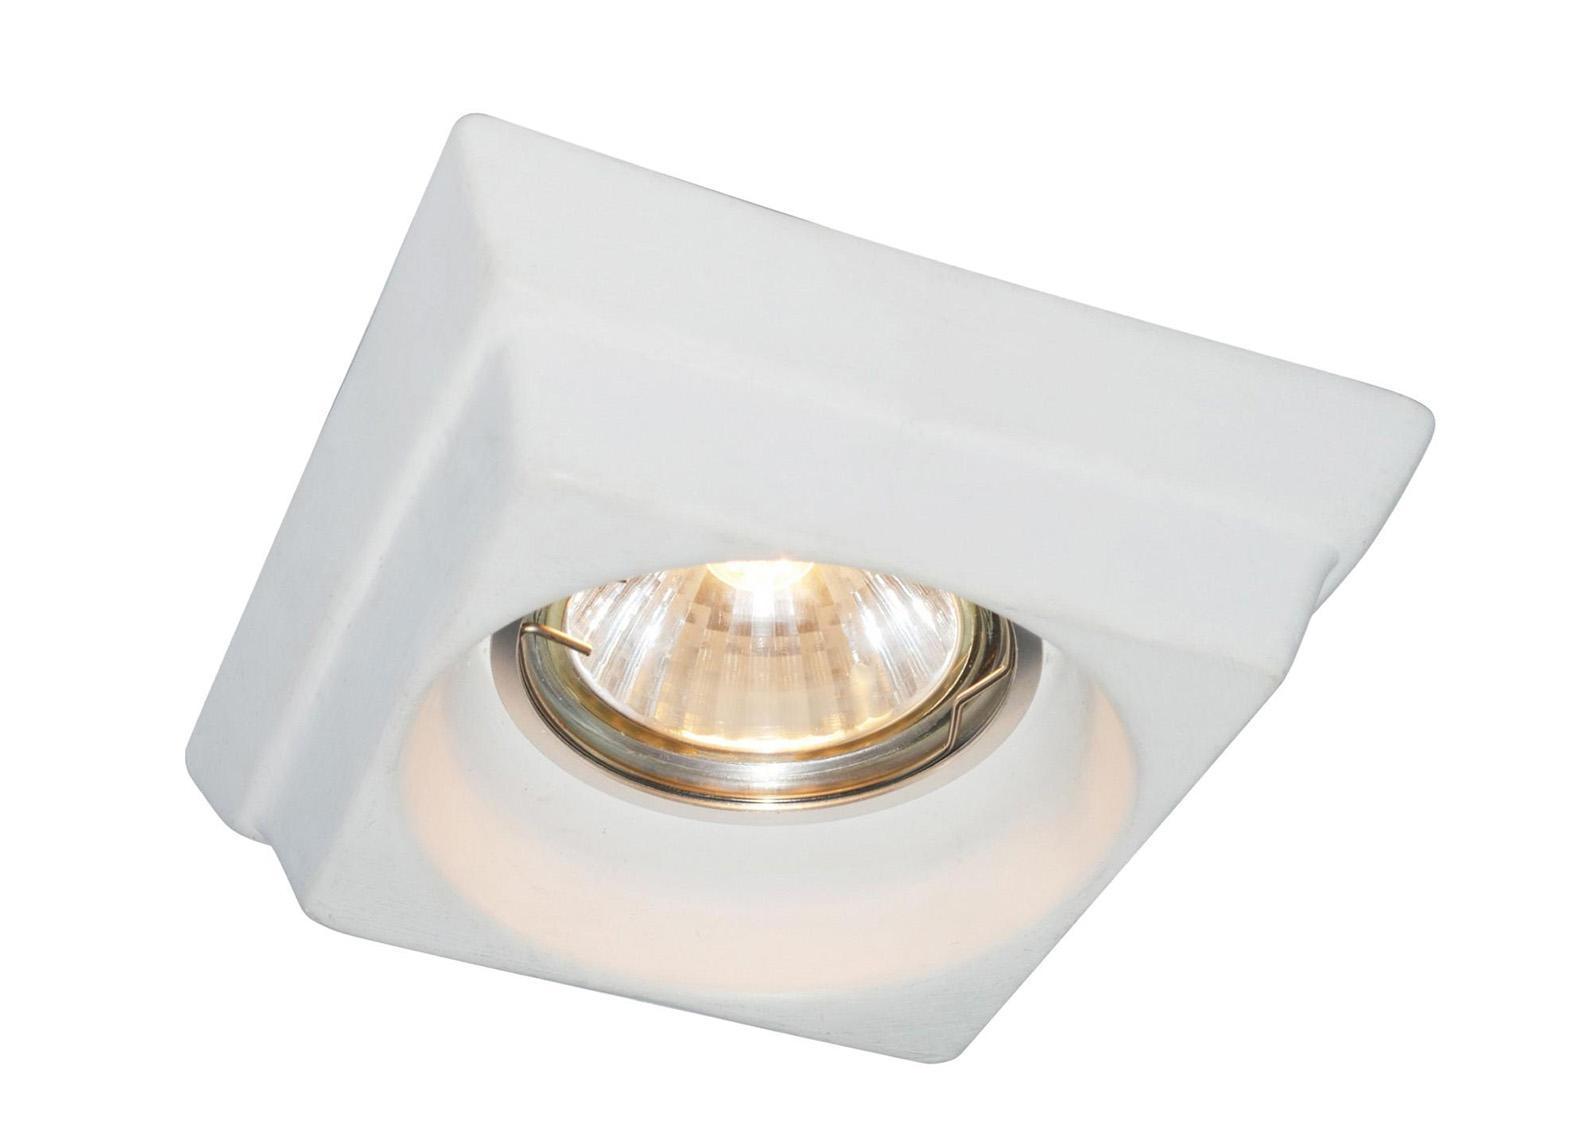 Светильник встраиваемый Arte lamp A5247pl-1wh встраиваемый светильник arte lamp cielo a7314pl 1wh